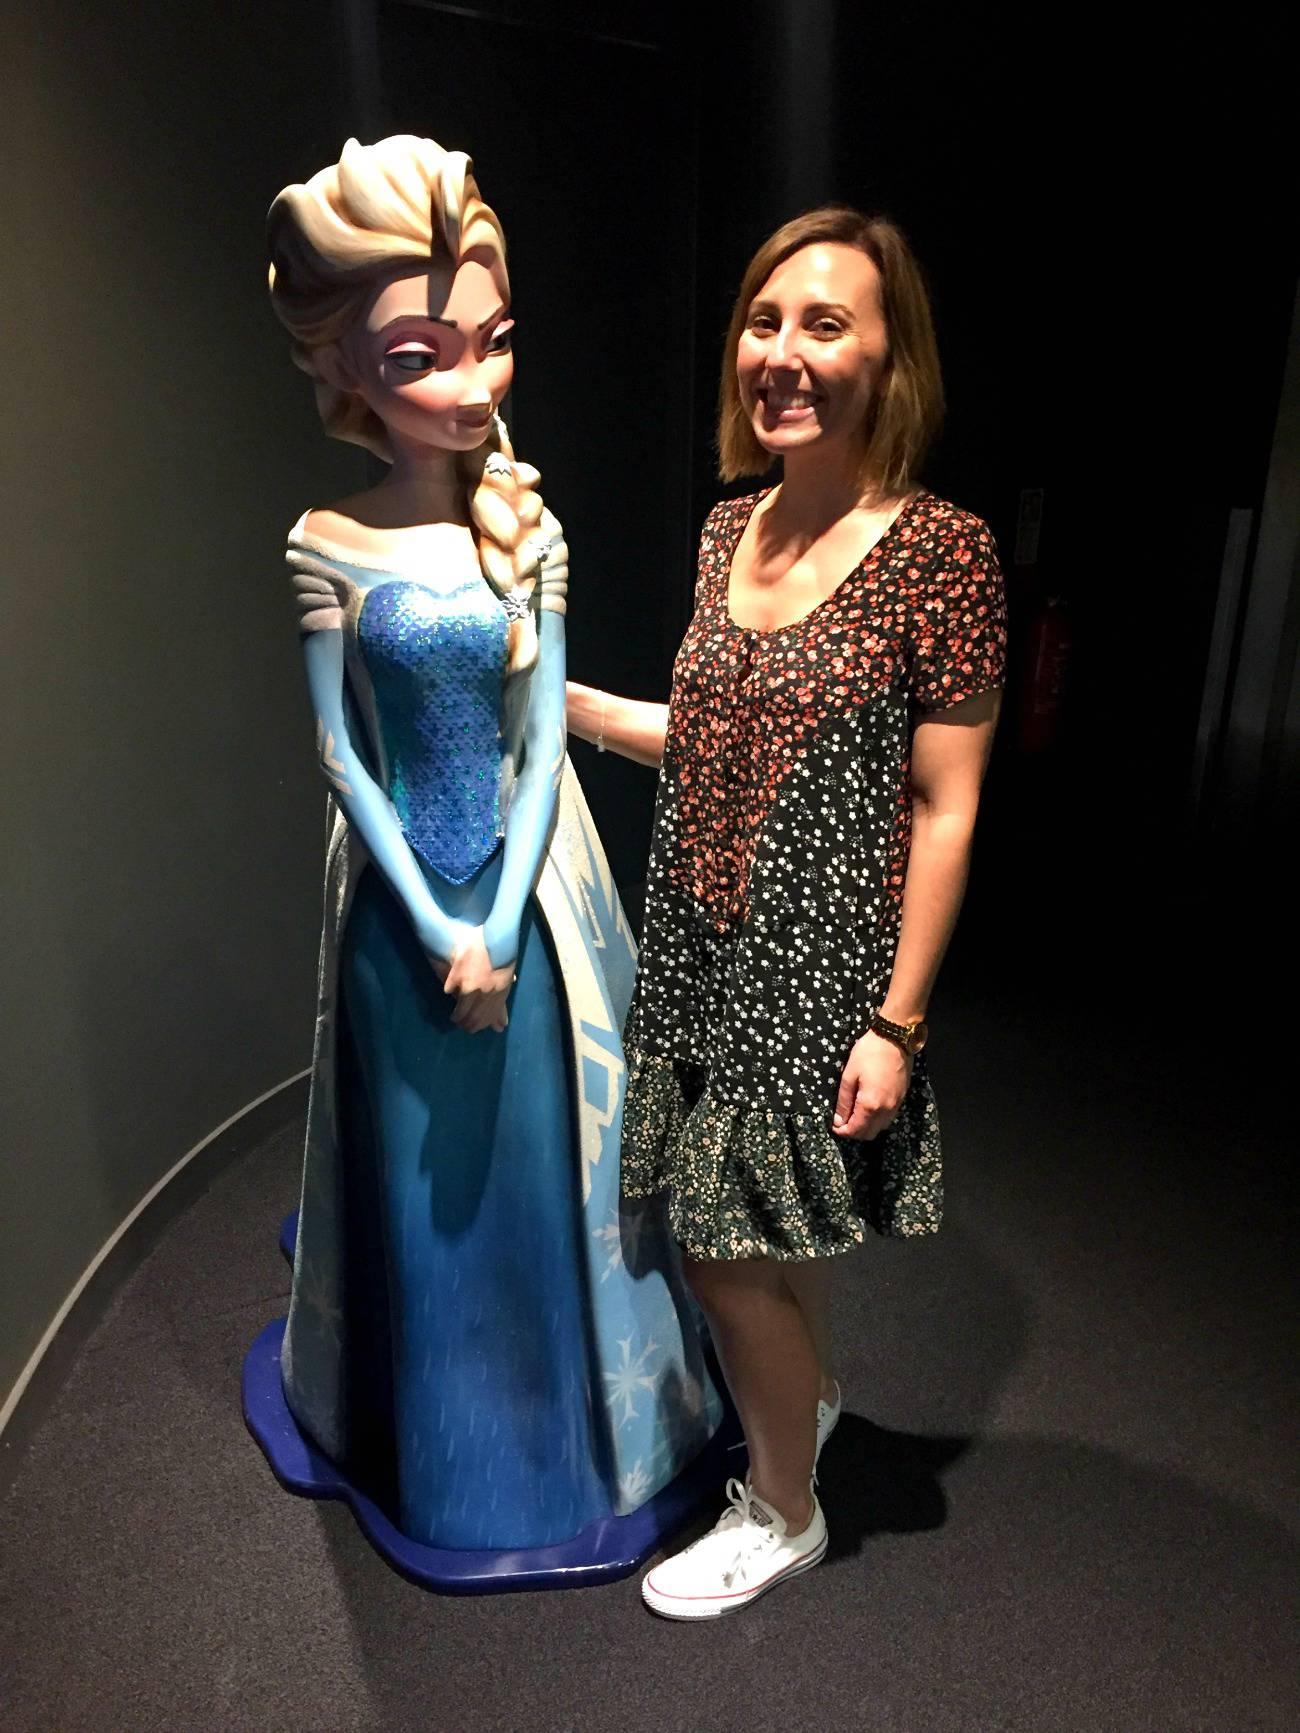 Elsa and I